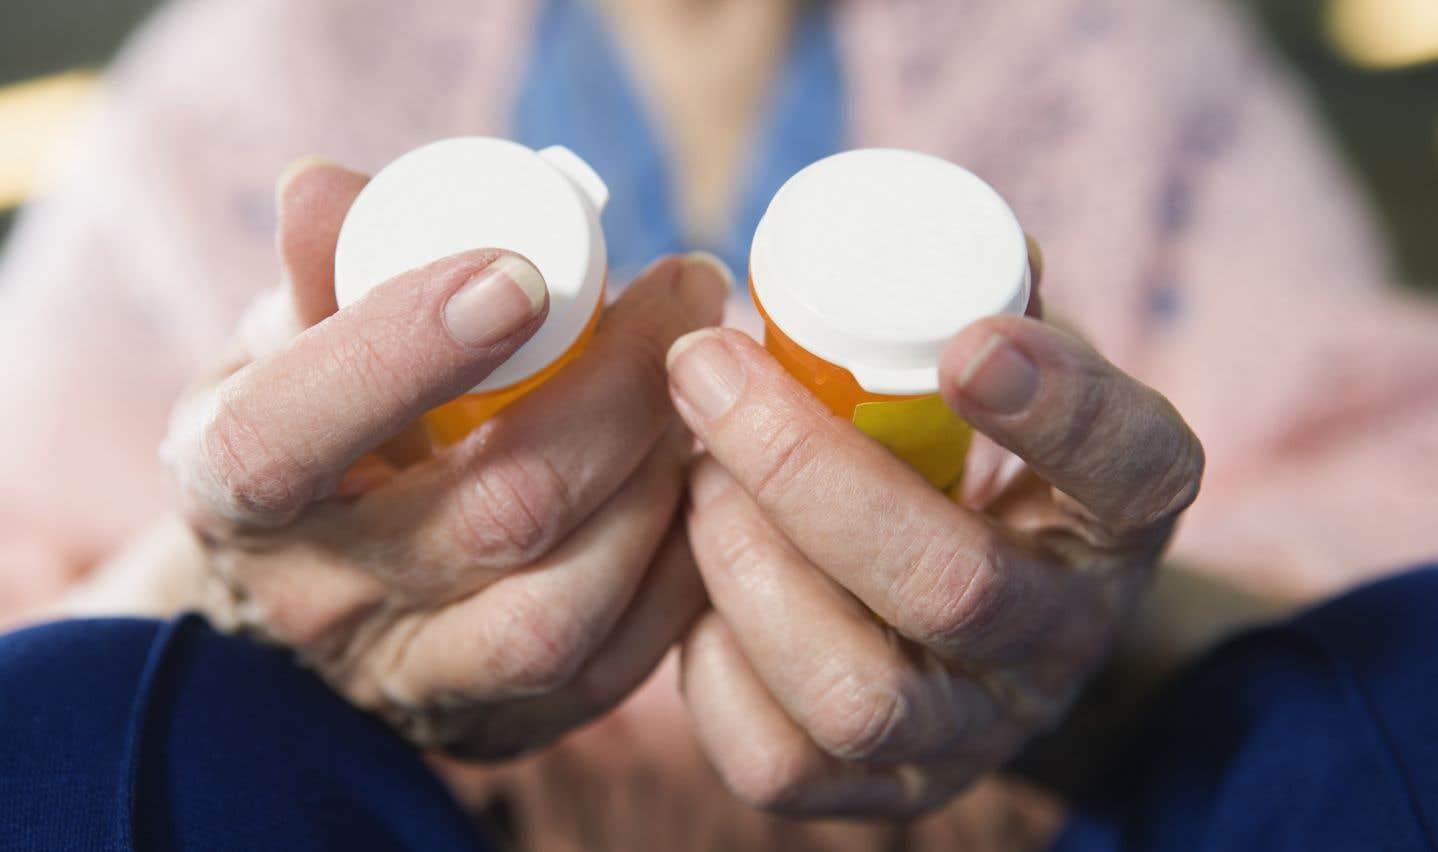 Les Canadiens peuvent en effet être victimes de médicaments trafiqués non seulement sur Internet, mais également dans les pharmacies ayant pignon sur rue.